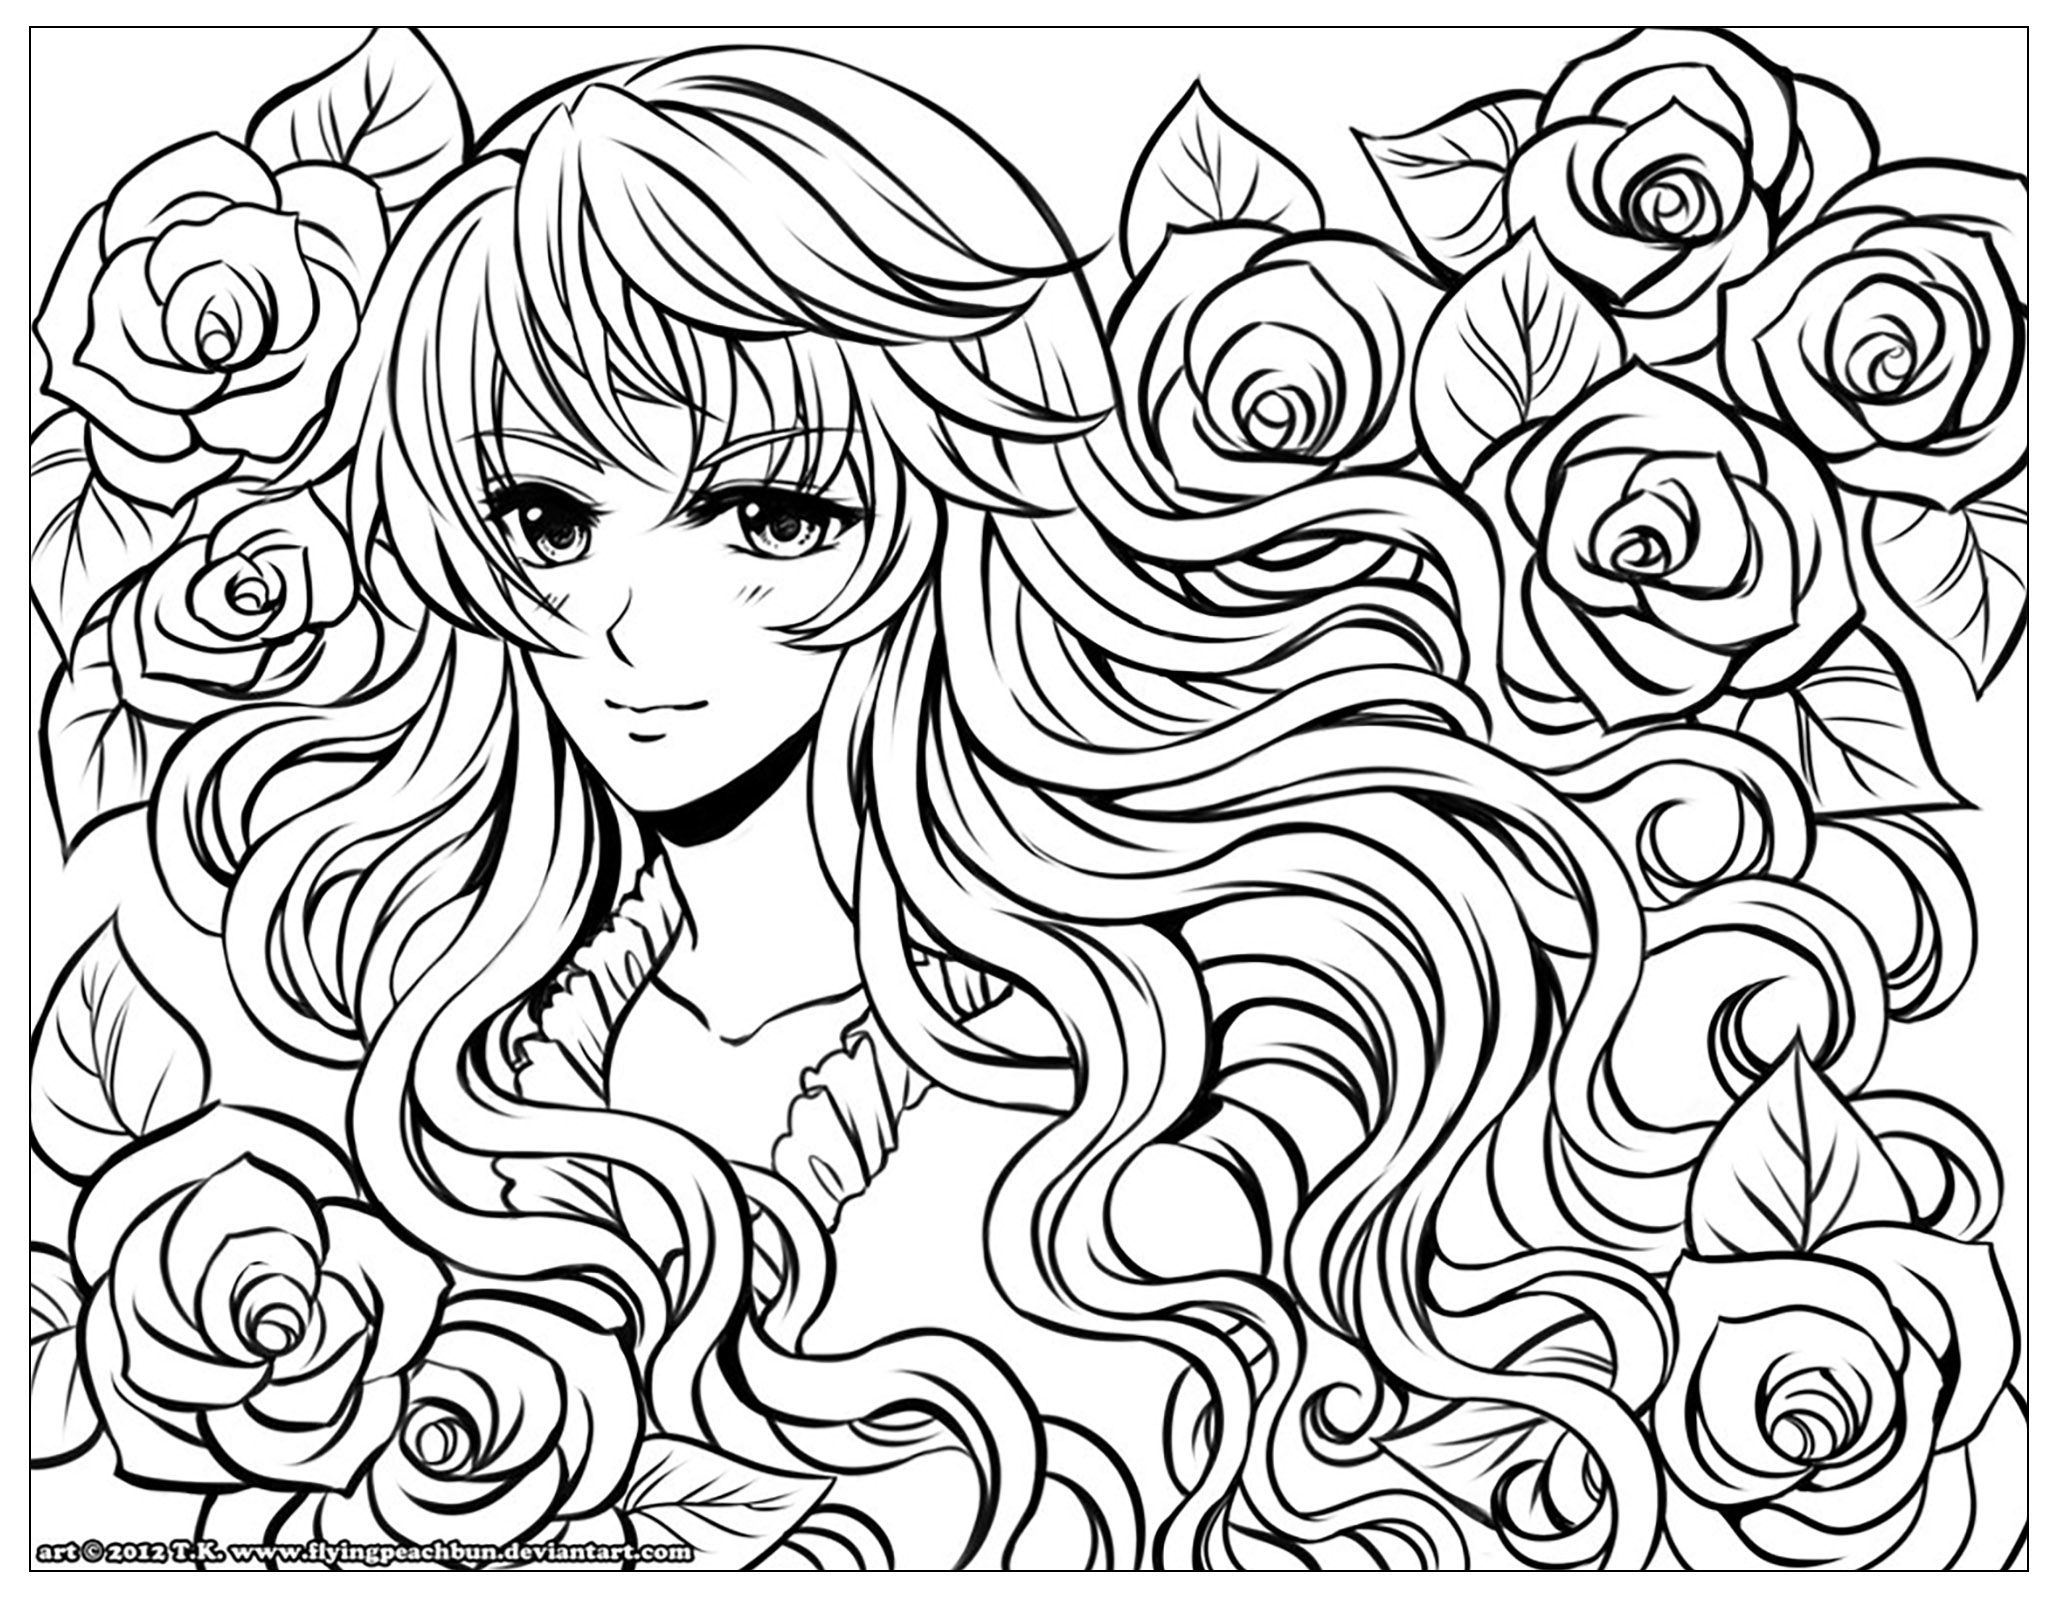 Manga babes image galleries #8